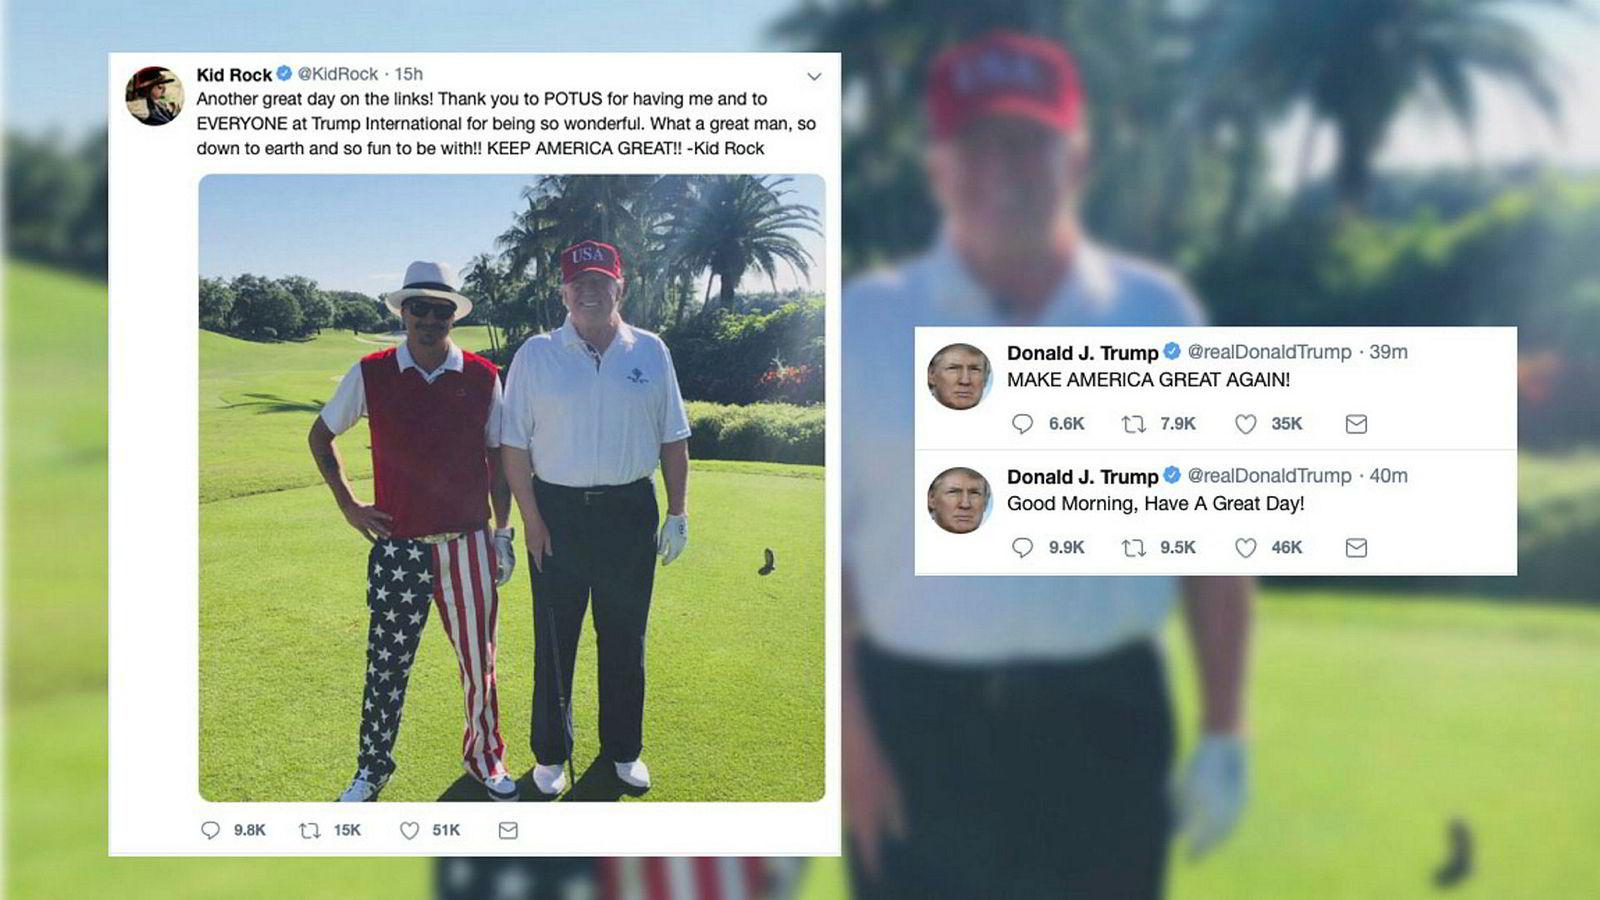 Dagen etter at Muller-rapporten er levert kongressen ønsker President Donald Trump via twitter en god søndag og spiller golf med rosckesjernen Kid Rock.